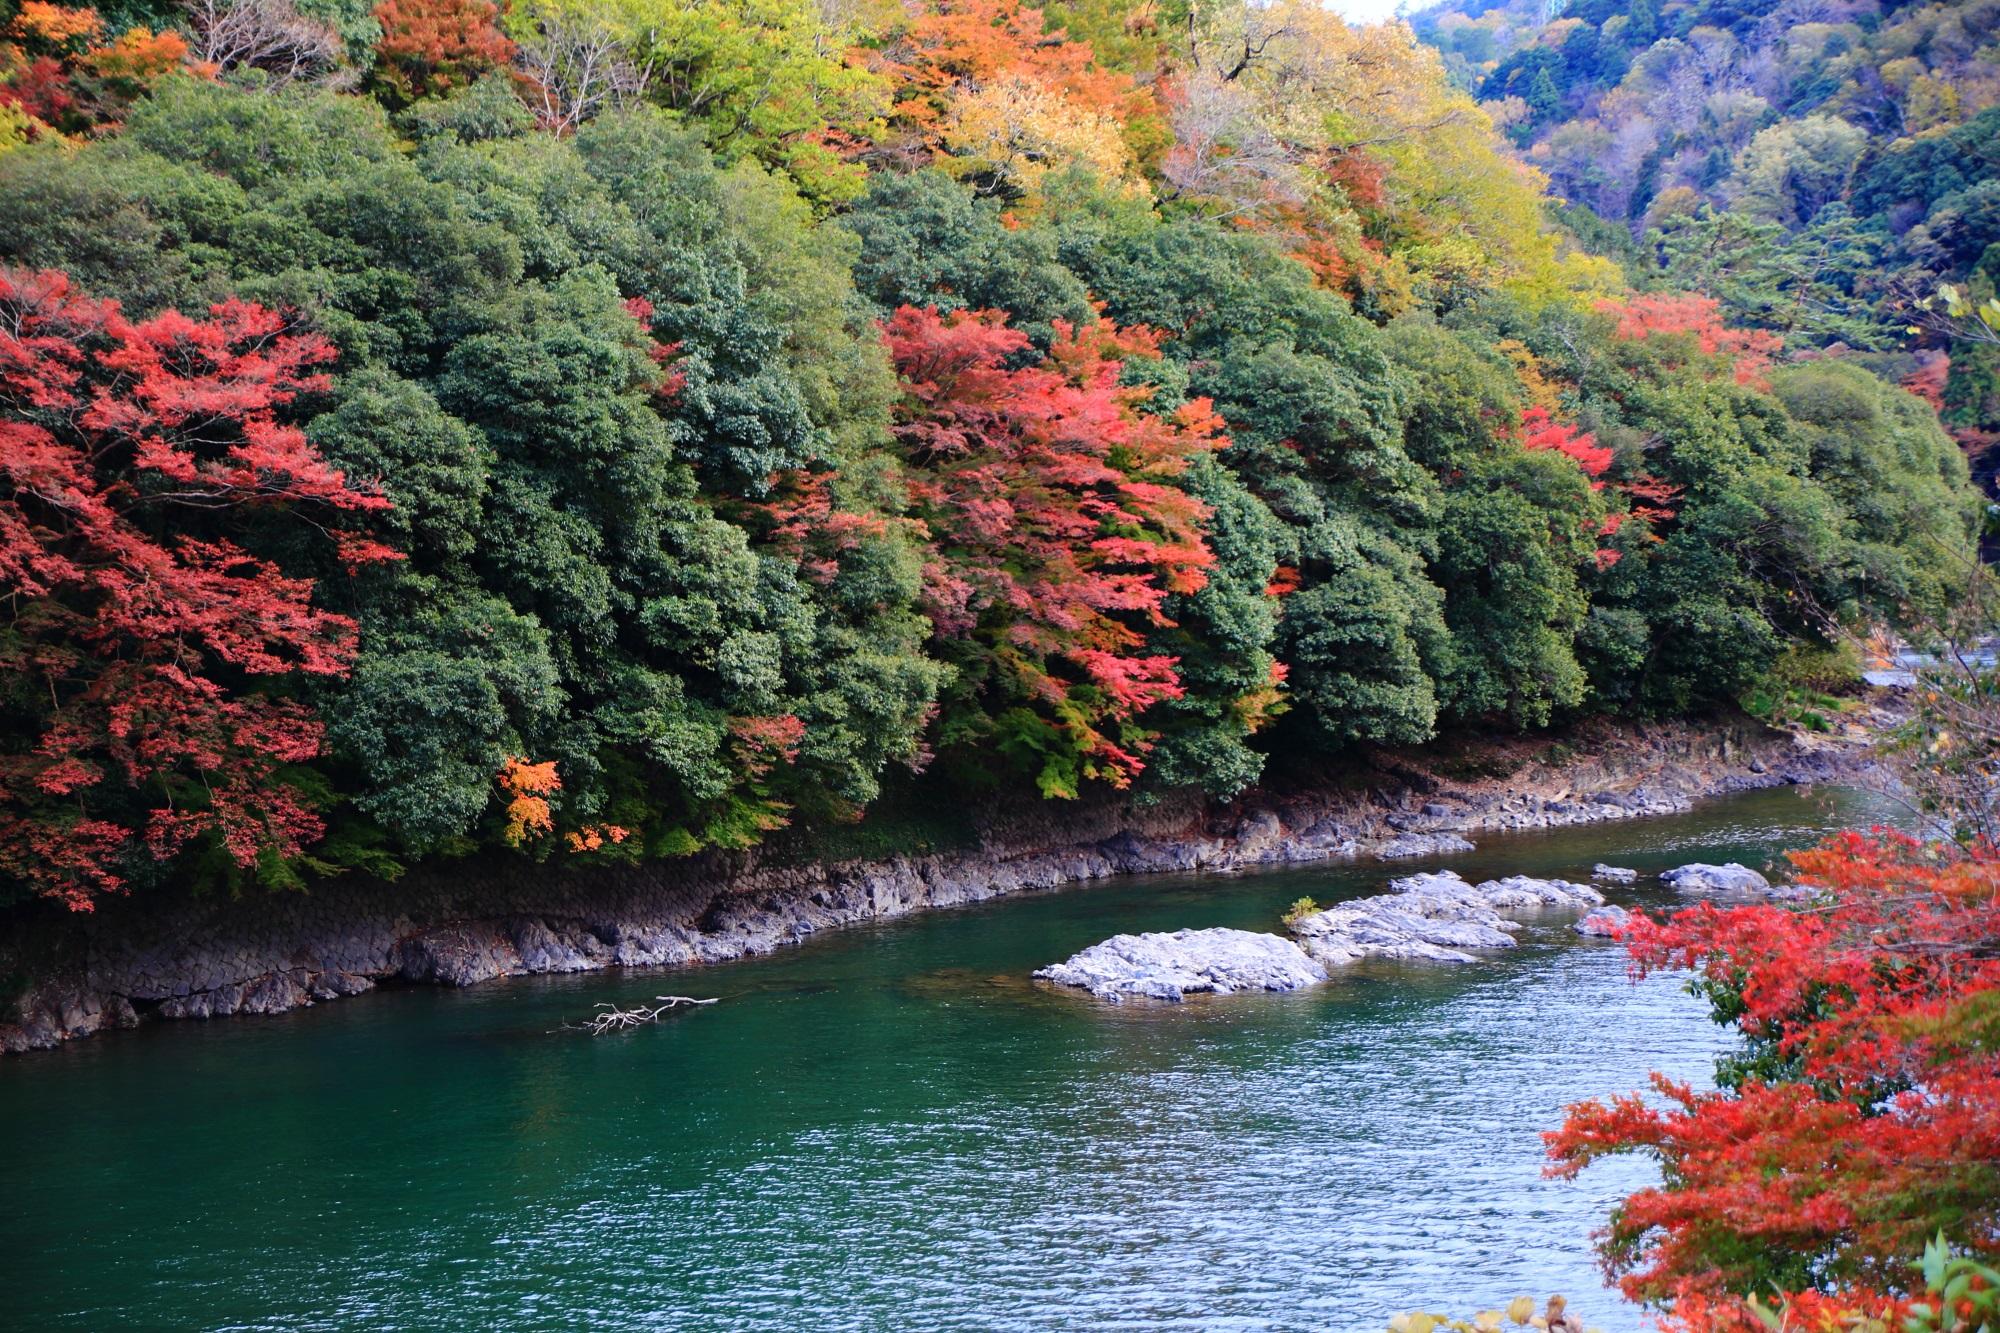 宇治川の美しい川と見ごろの鮮やかな紅葉